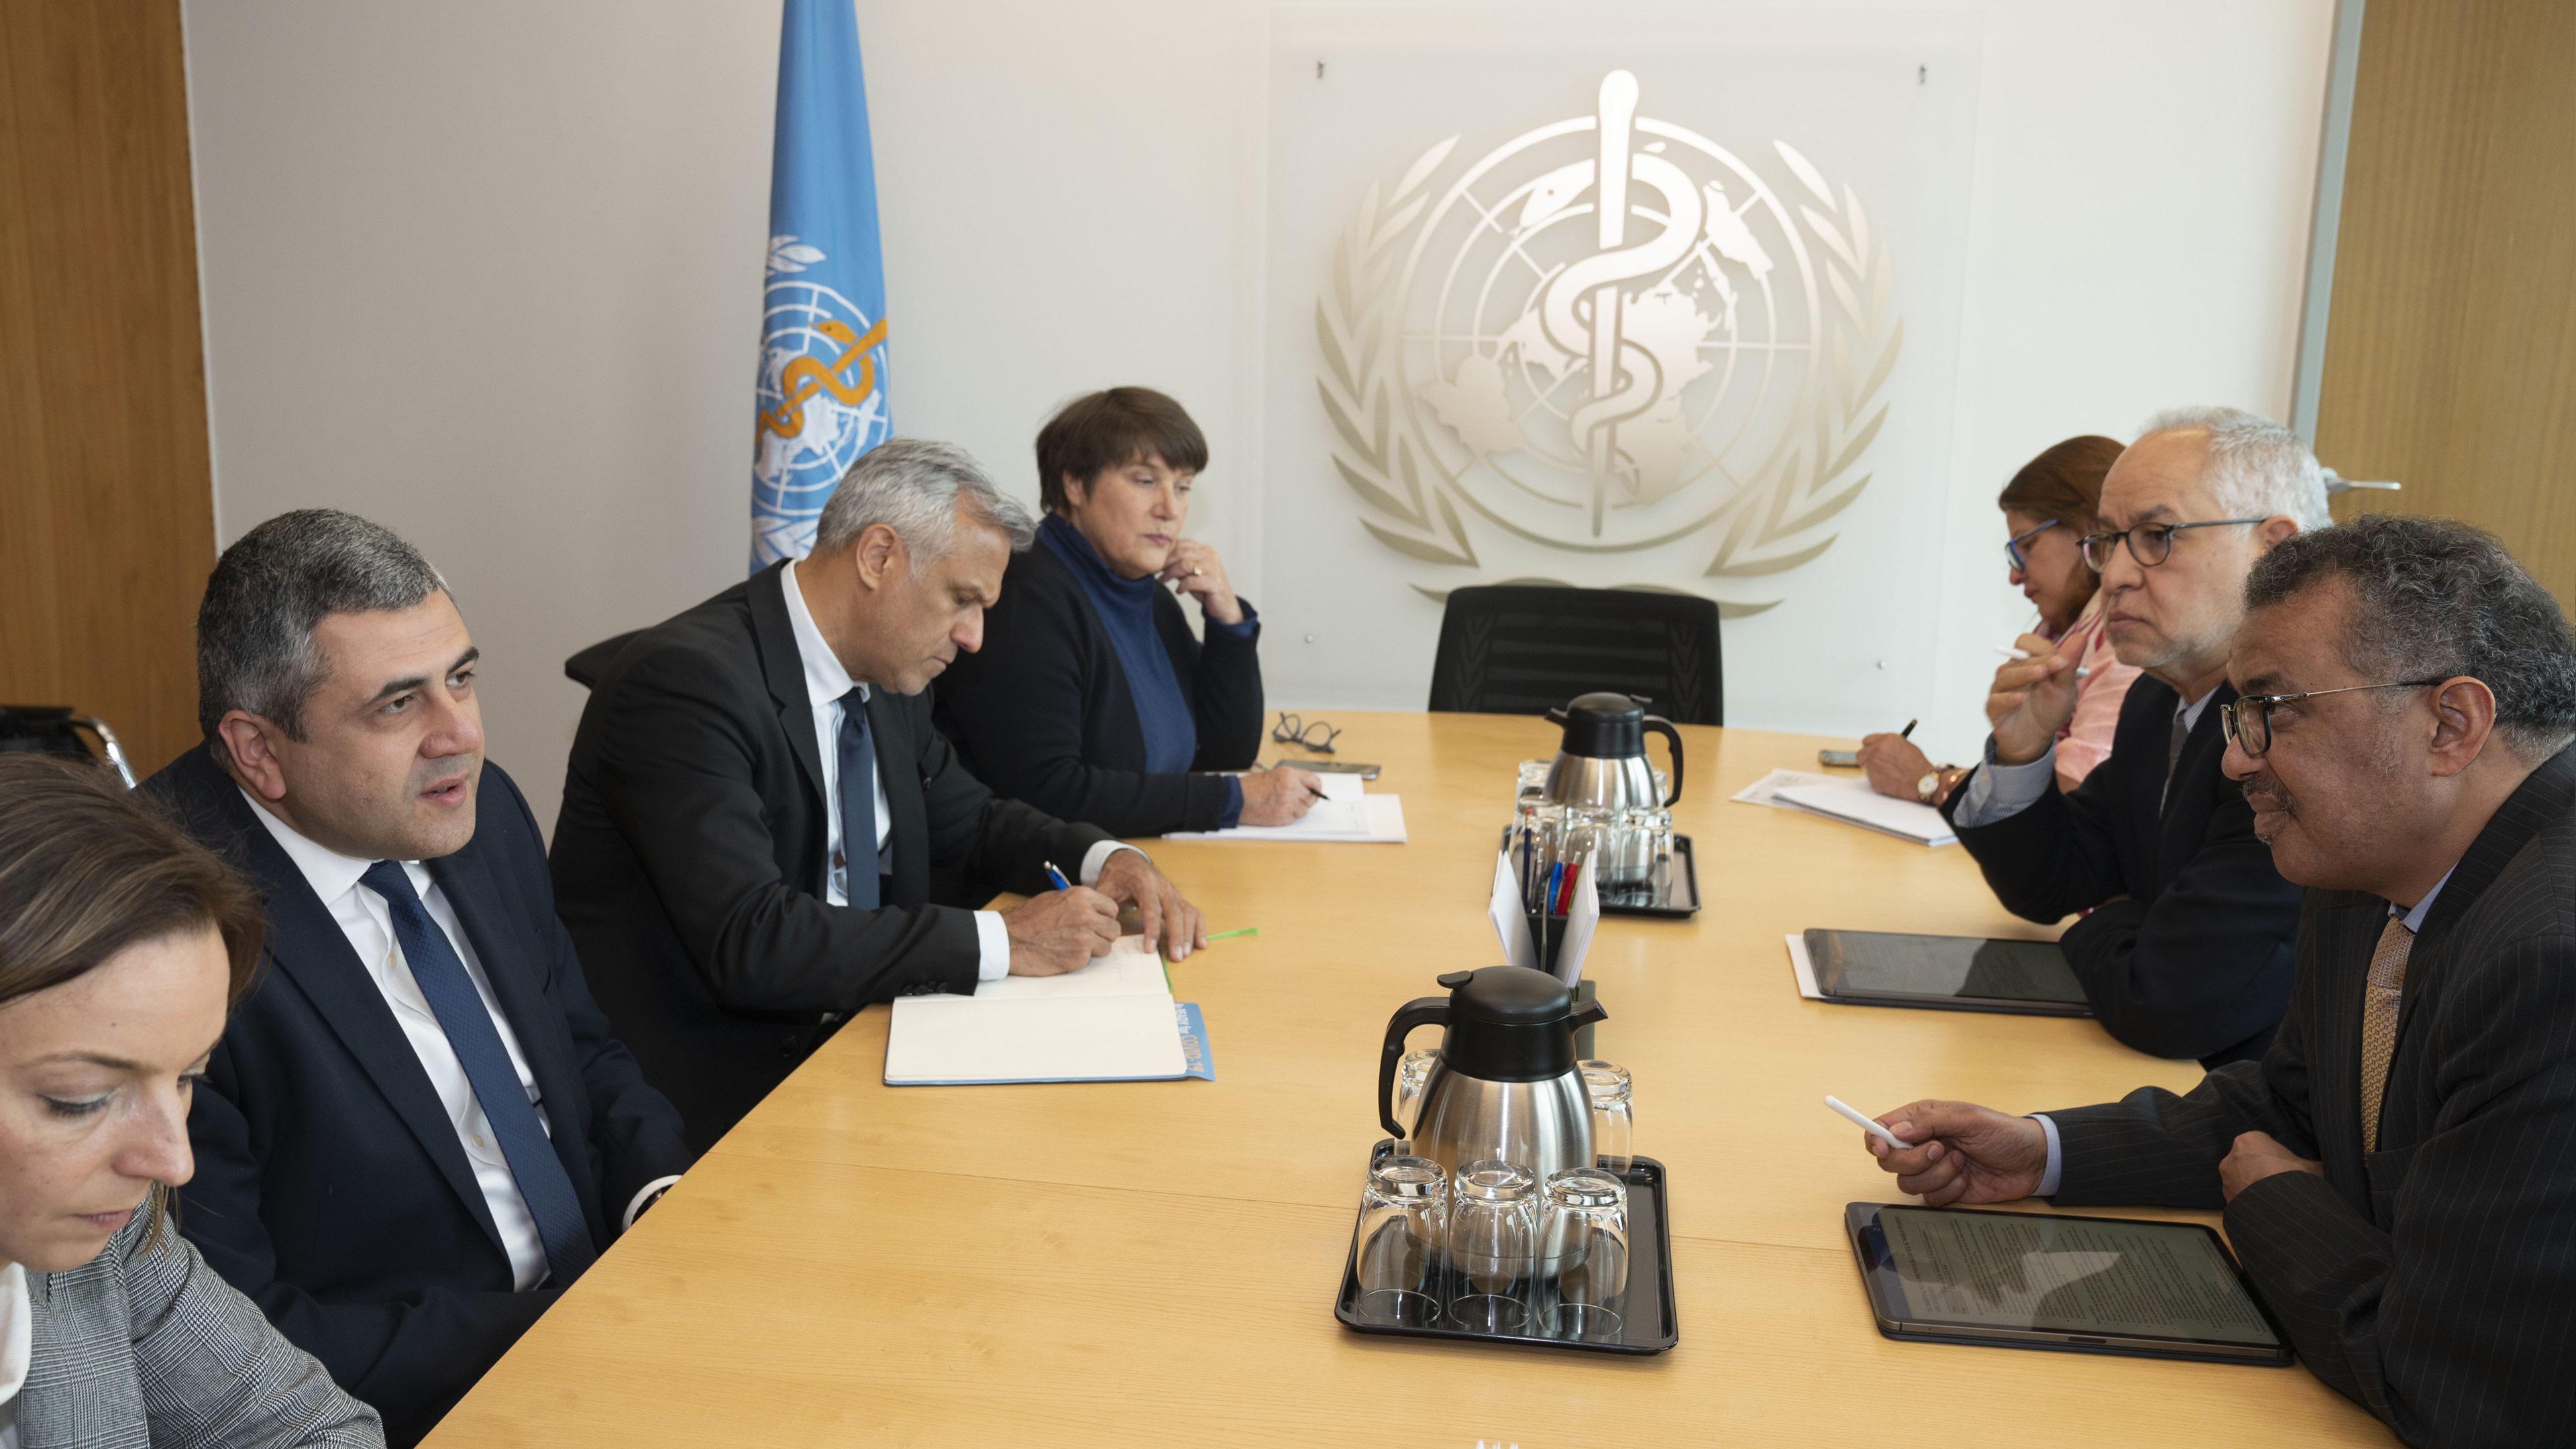 La OMT y la OMS acuerdan intensificar la cooperación en la respuesta al COVID-19